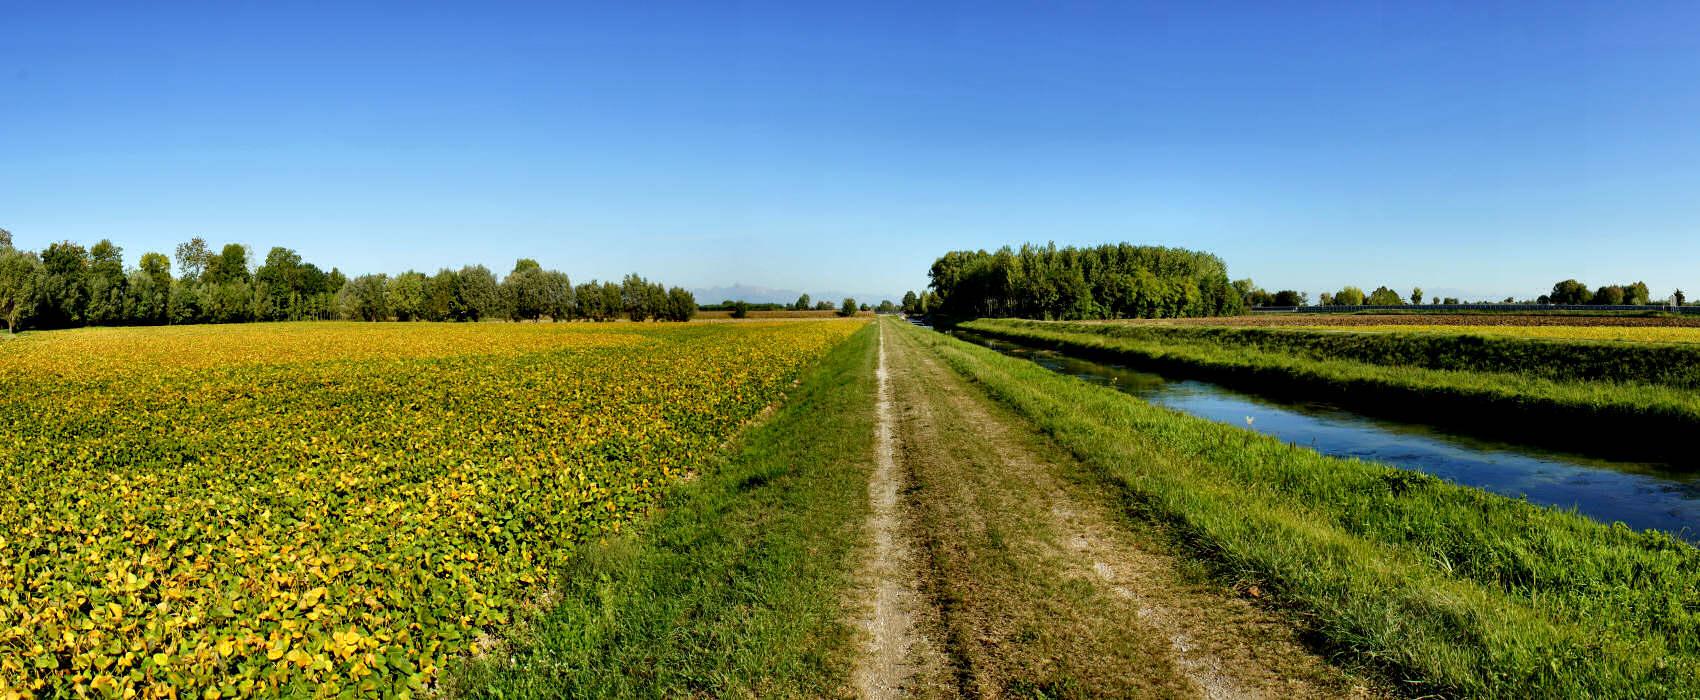 Portogruaro campagna lungo il fiume reghena fotografia for Disegni di cabina di campagna